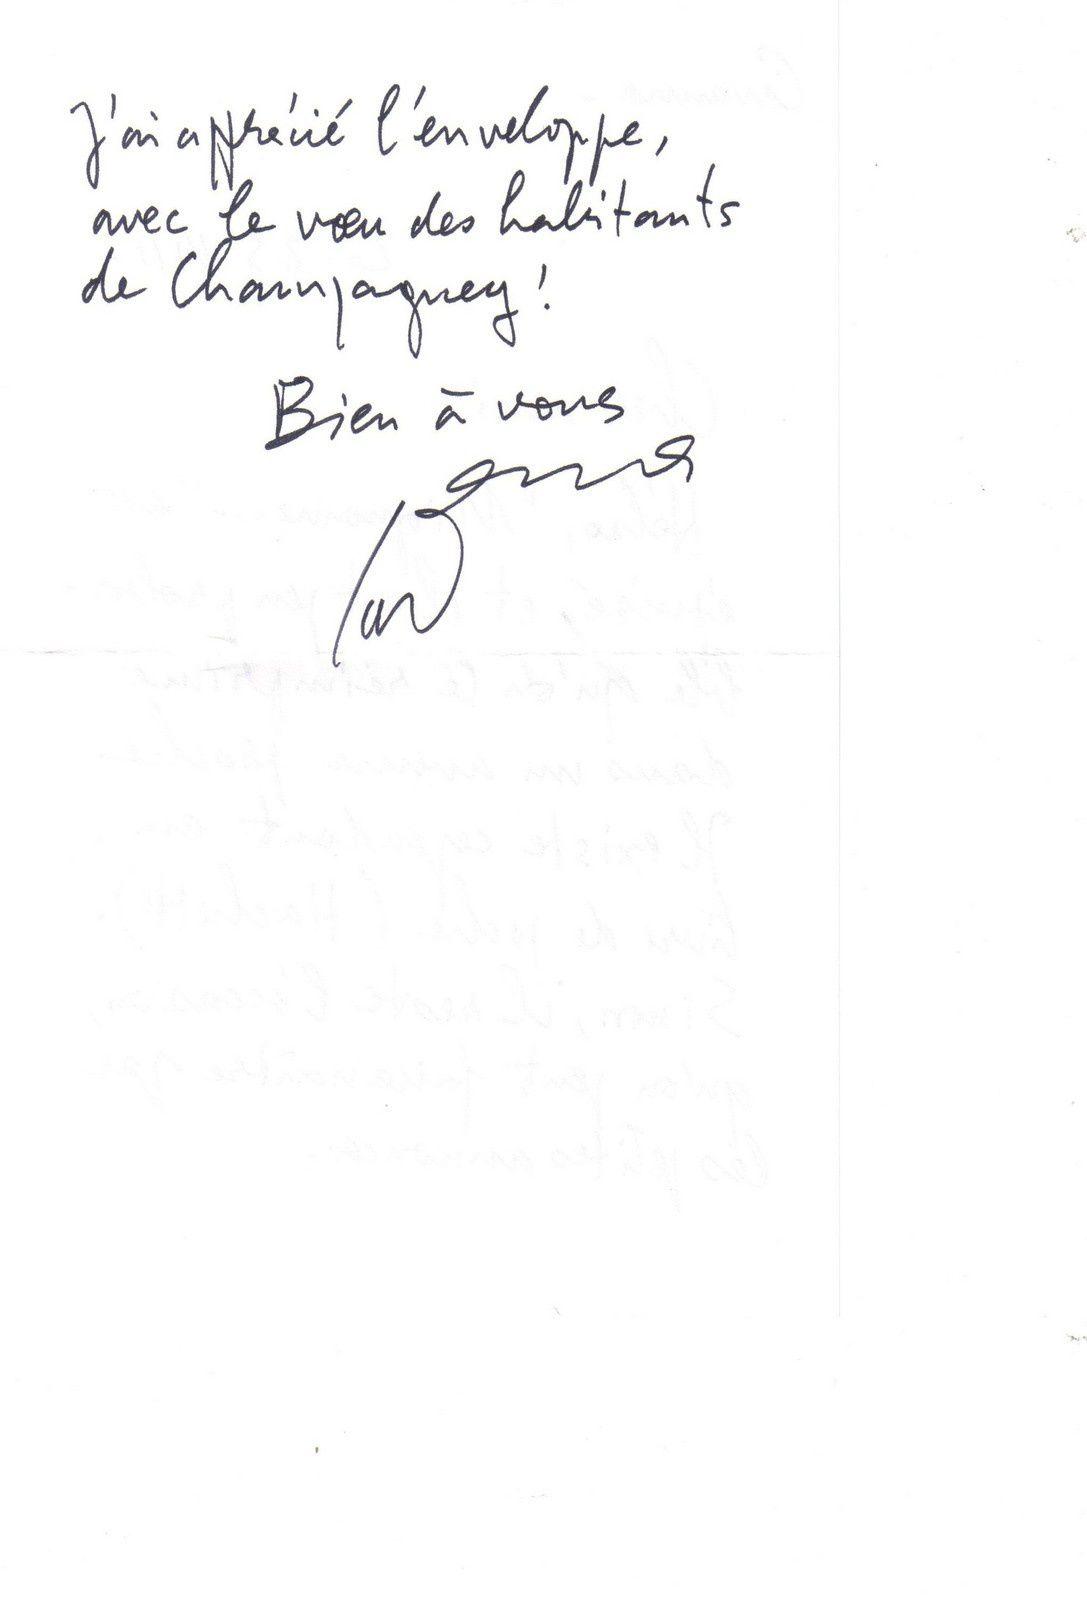 Cavanna - un autographe